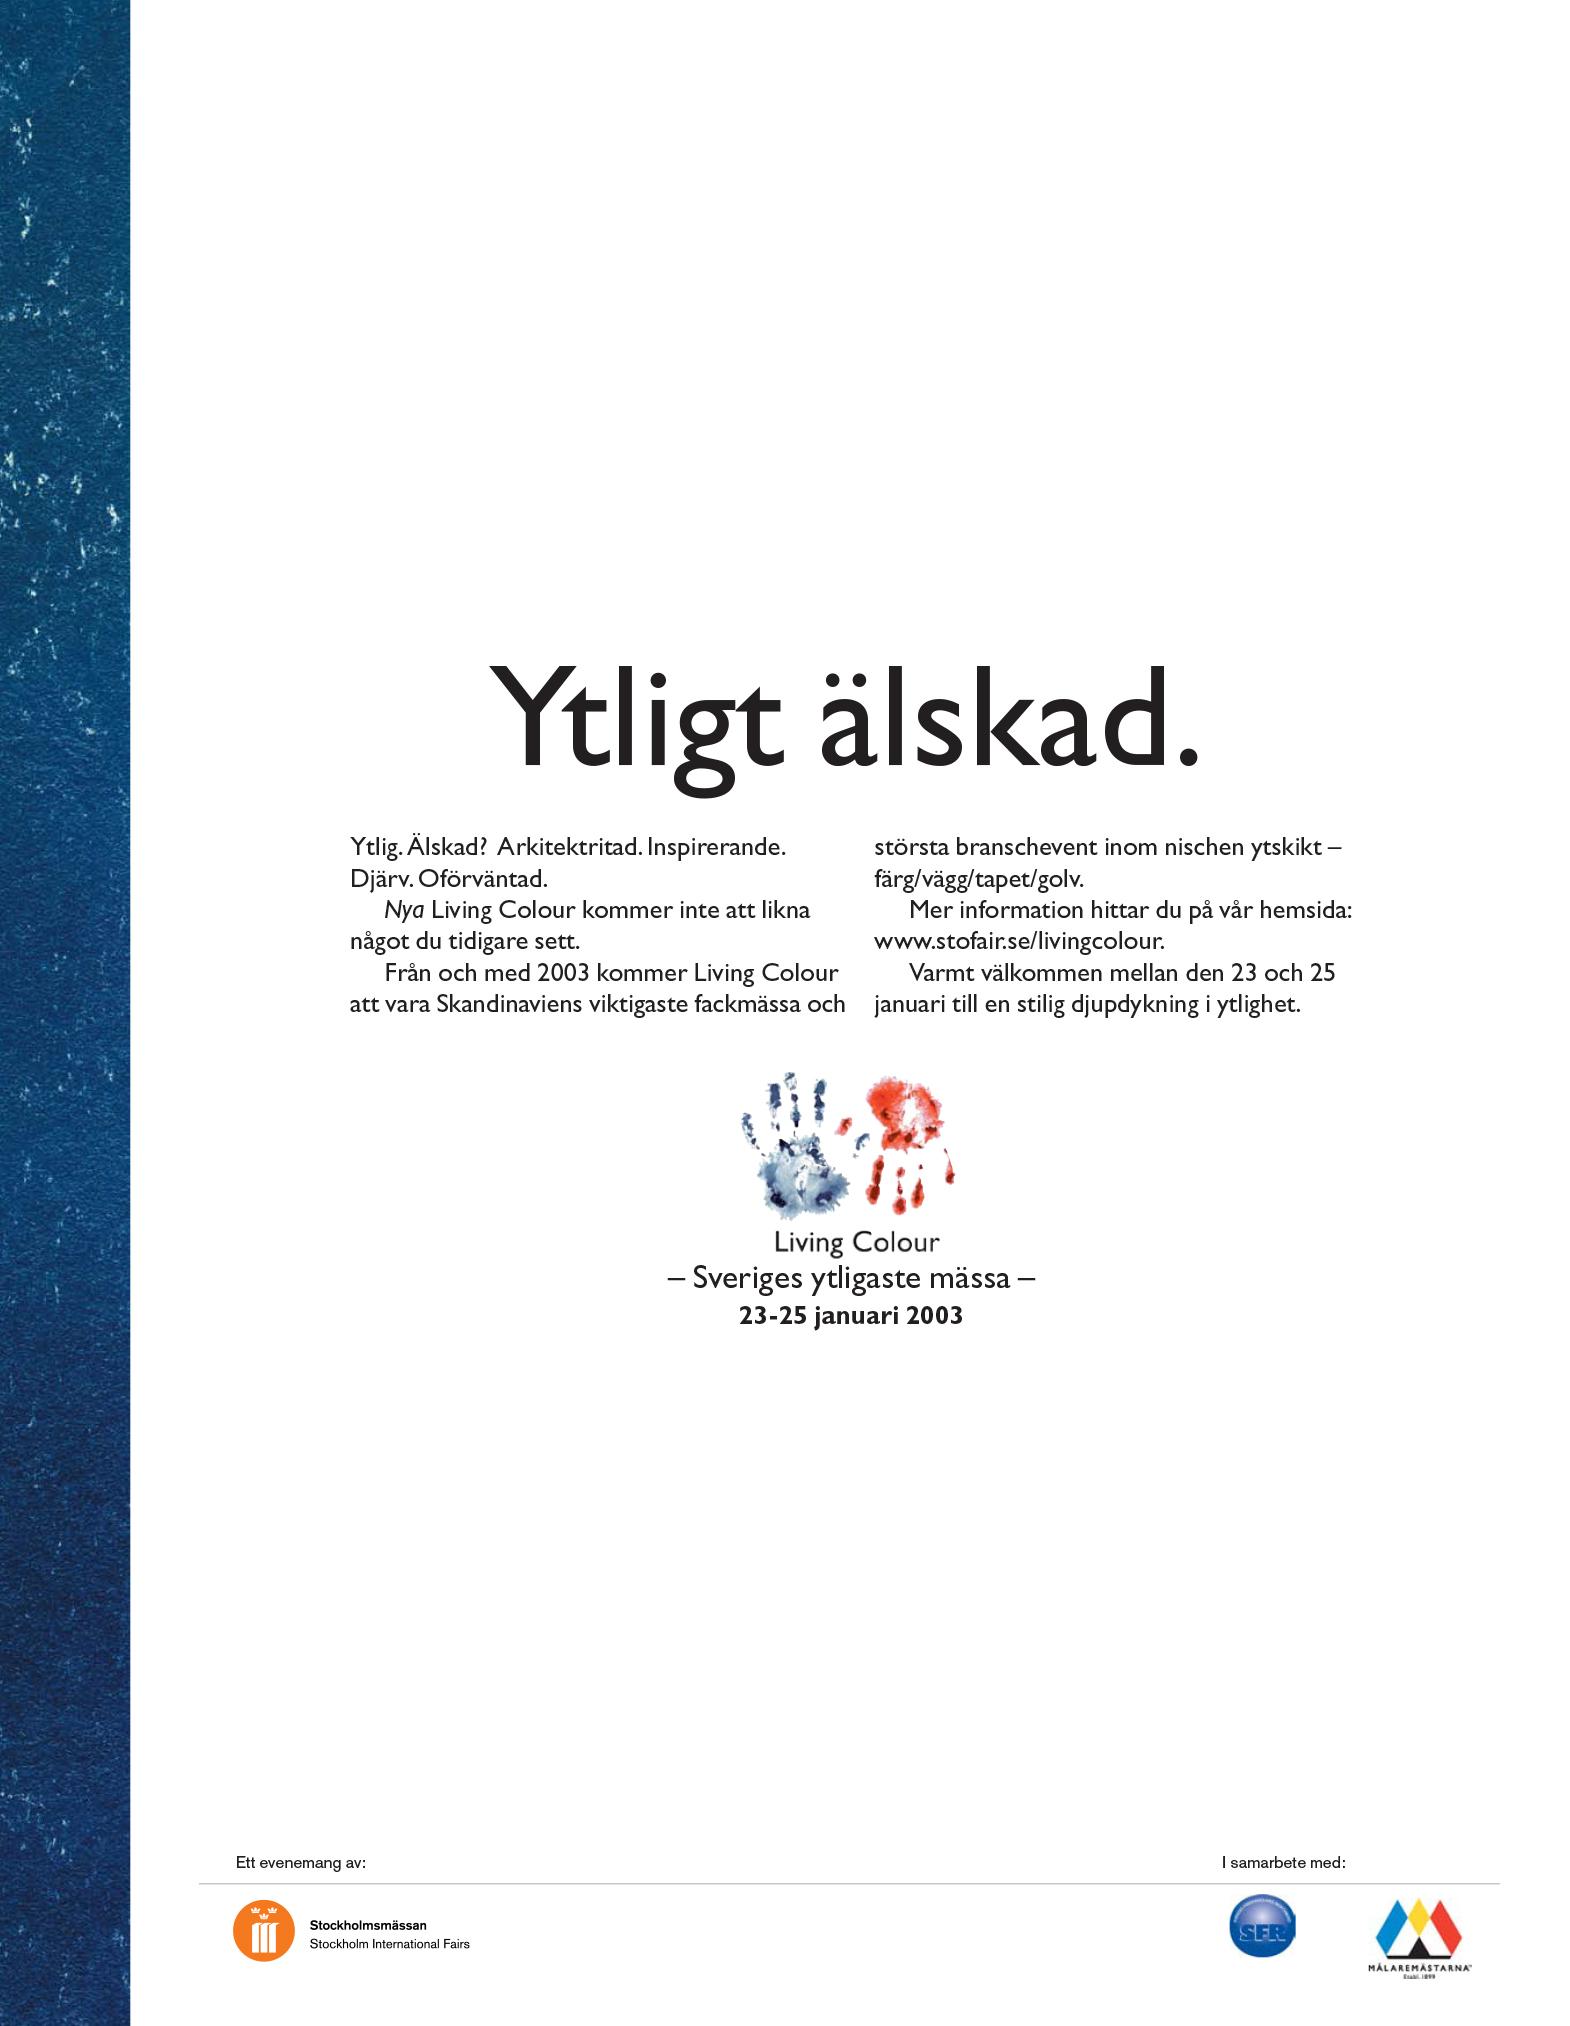 Ena halvan av annonsuppslag för mässan Living Colour